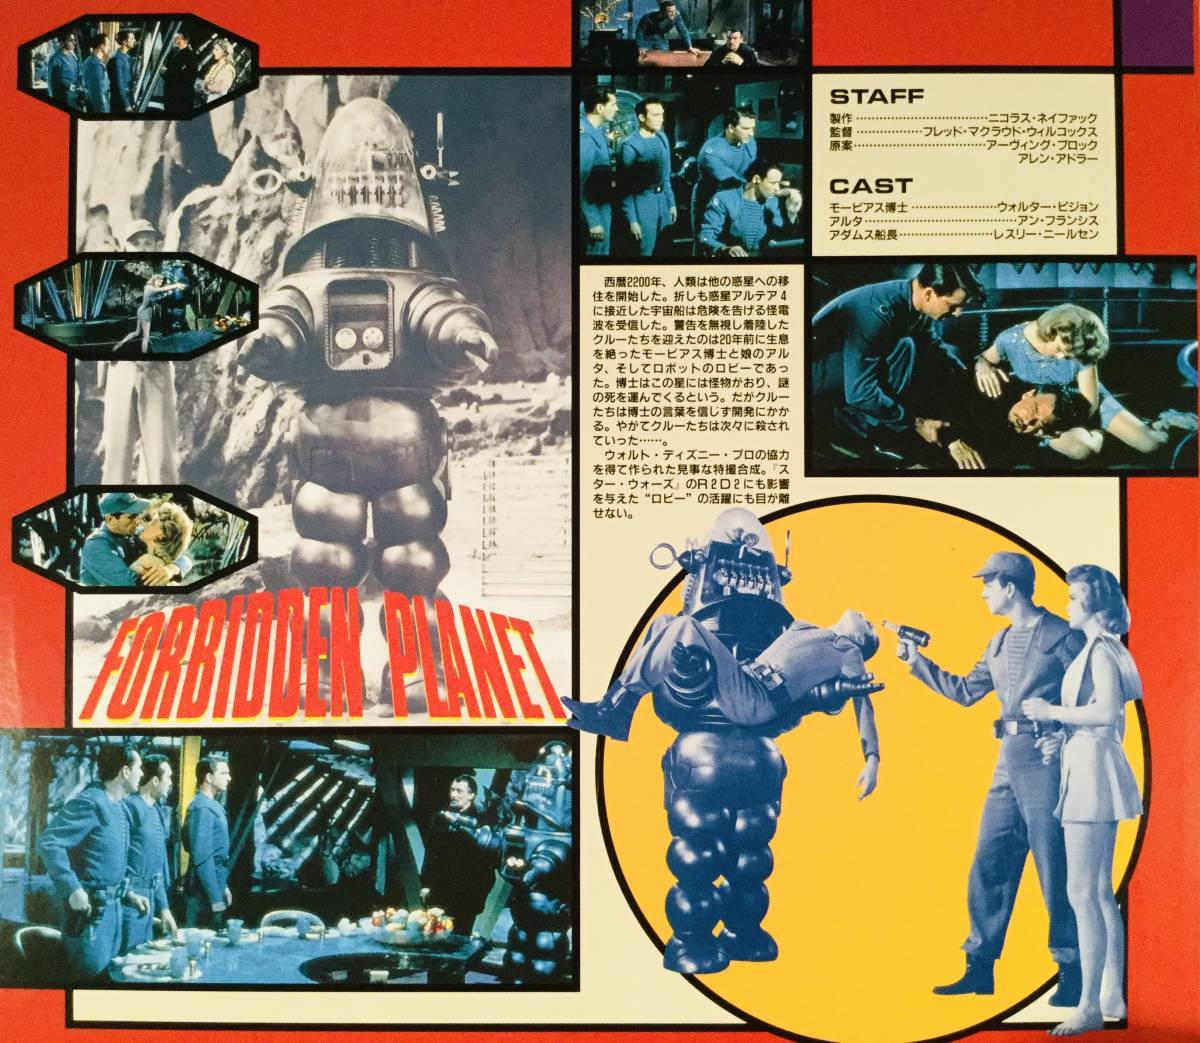 LD(レーザー)■『禁断の惑星』空想科学SF映画の決定版■帯付美品!_画像3